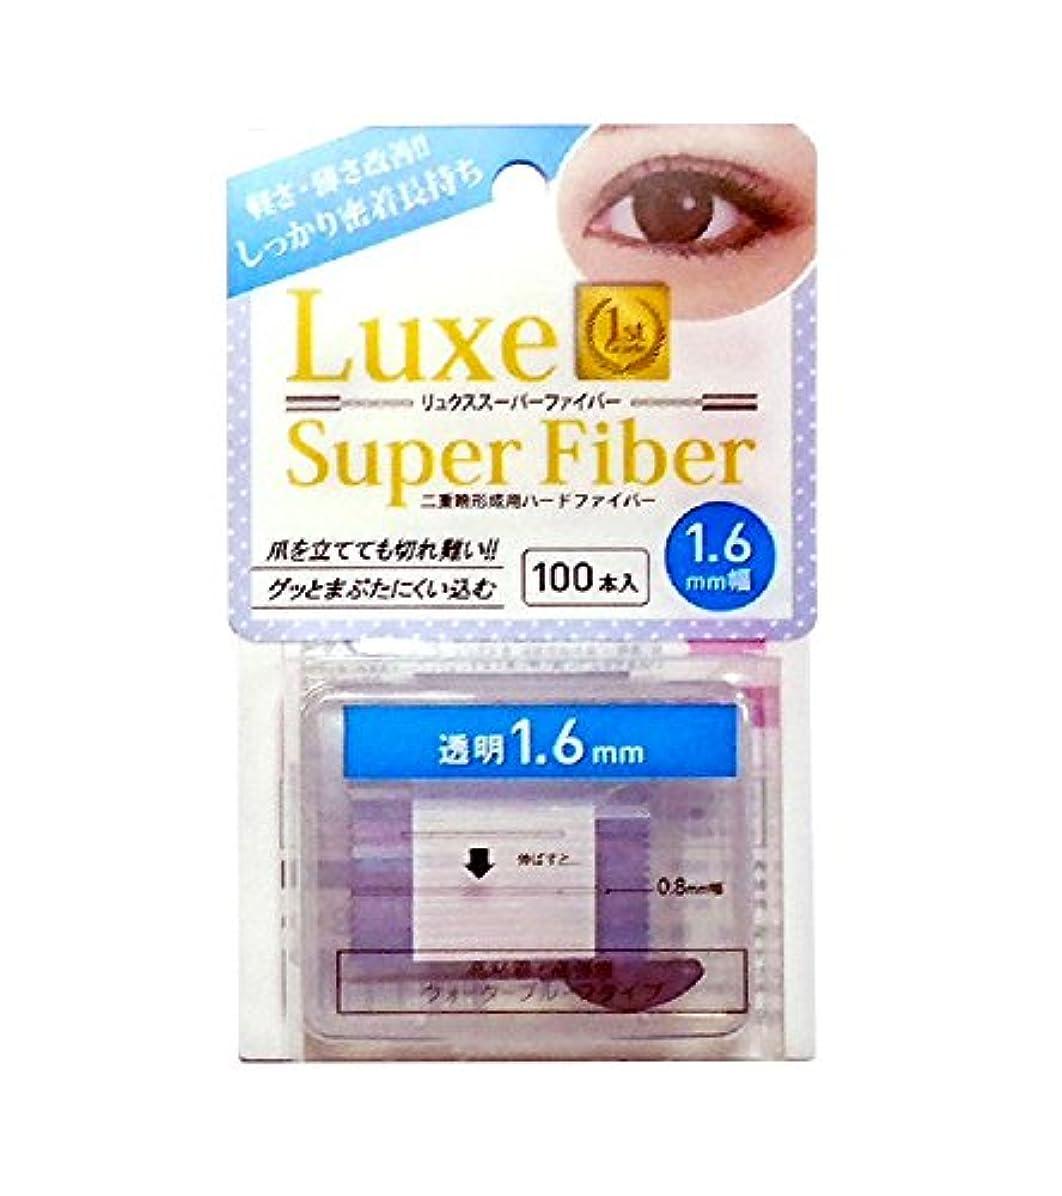 パッケージ知覚的石膏Luxe(リュクス) スーパーファイバーII 透明 クリア 1.6mm 100本入り